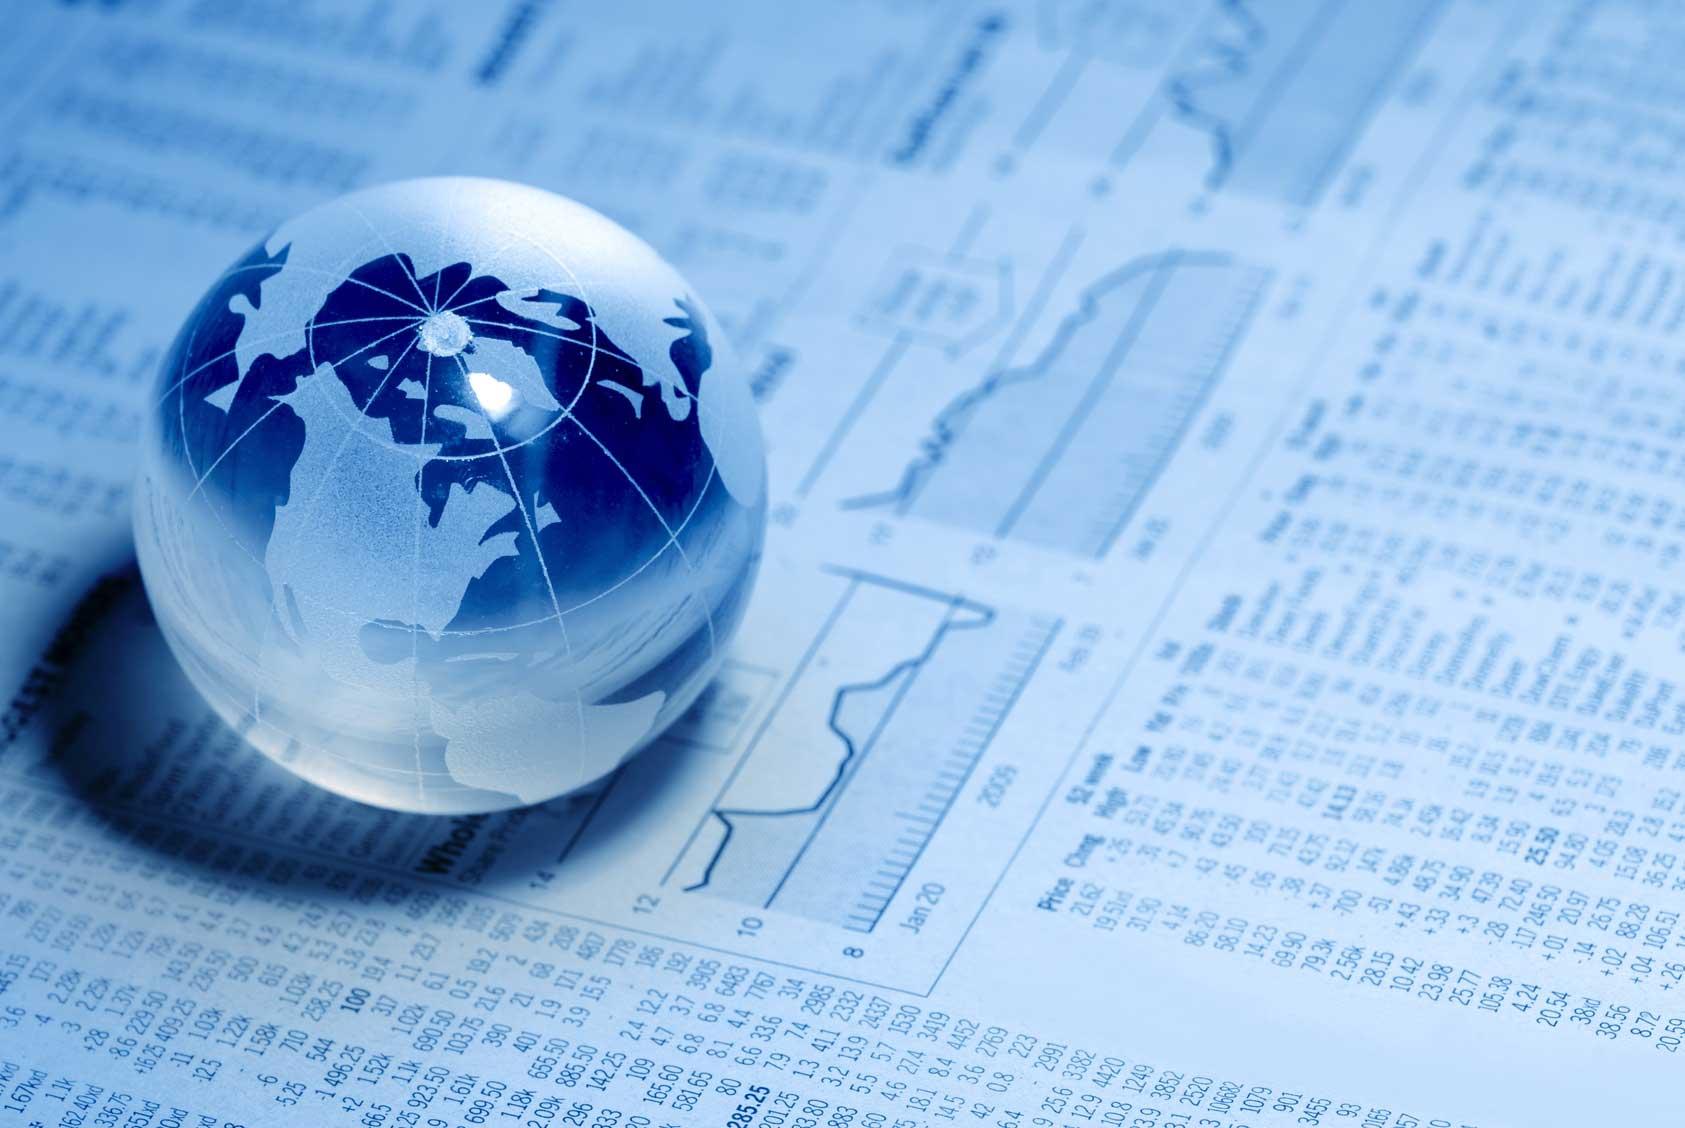 RAEX присвоило банку «РЕСО Кредит» рейтинг «ruВВВ+» по новой методологии